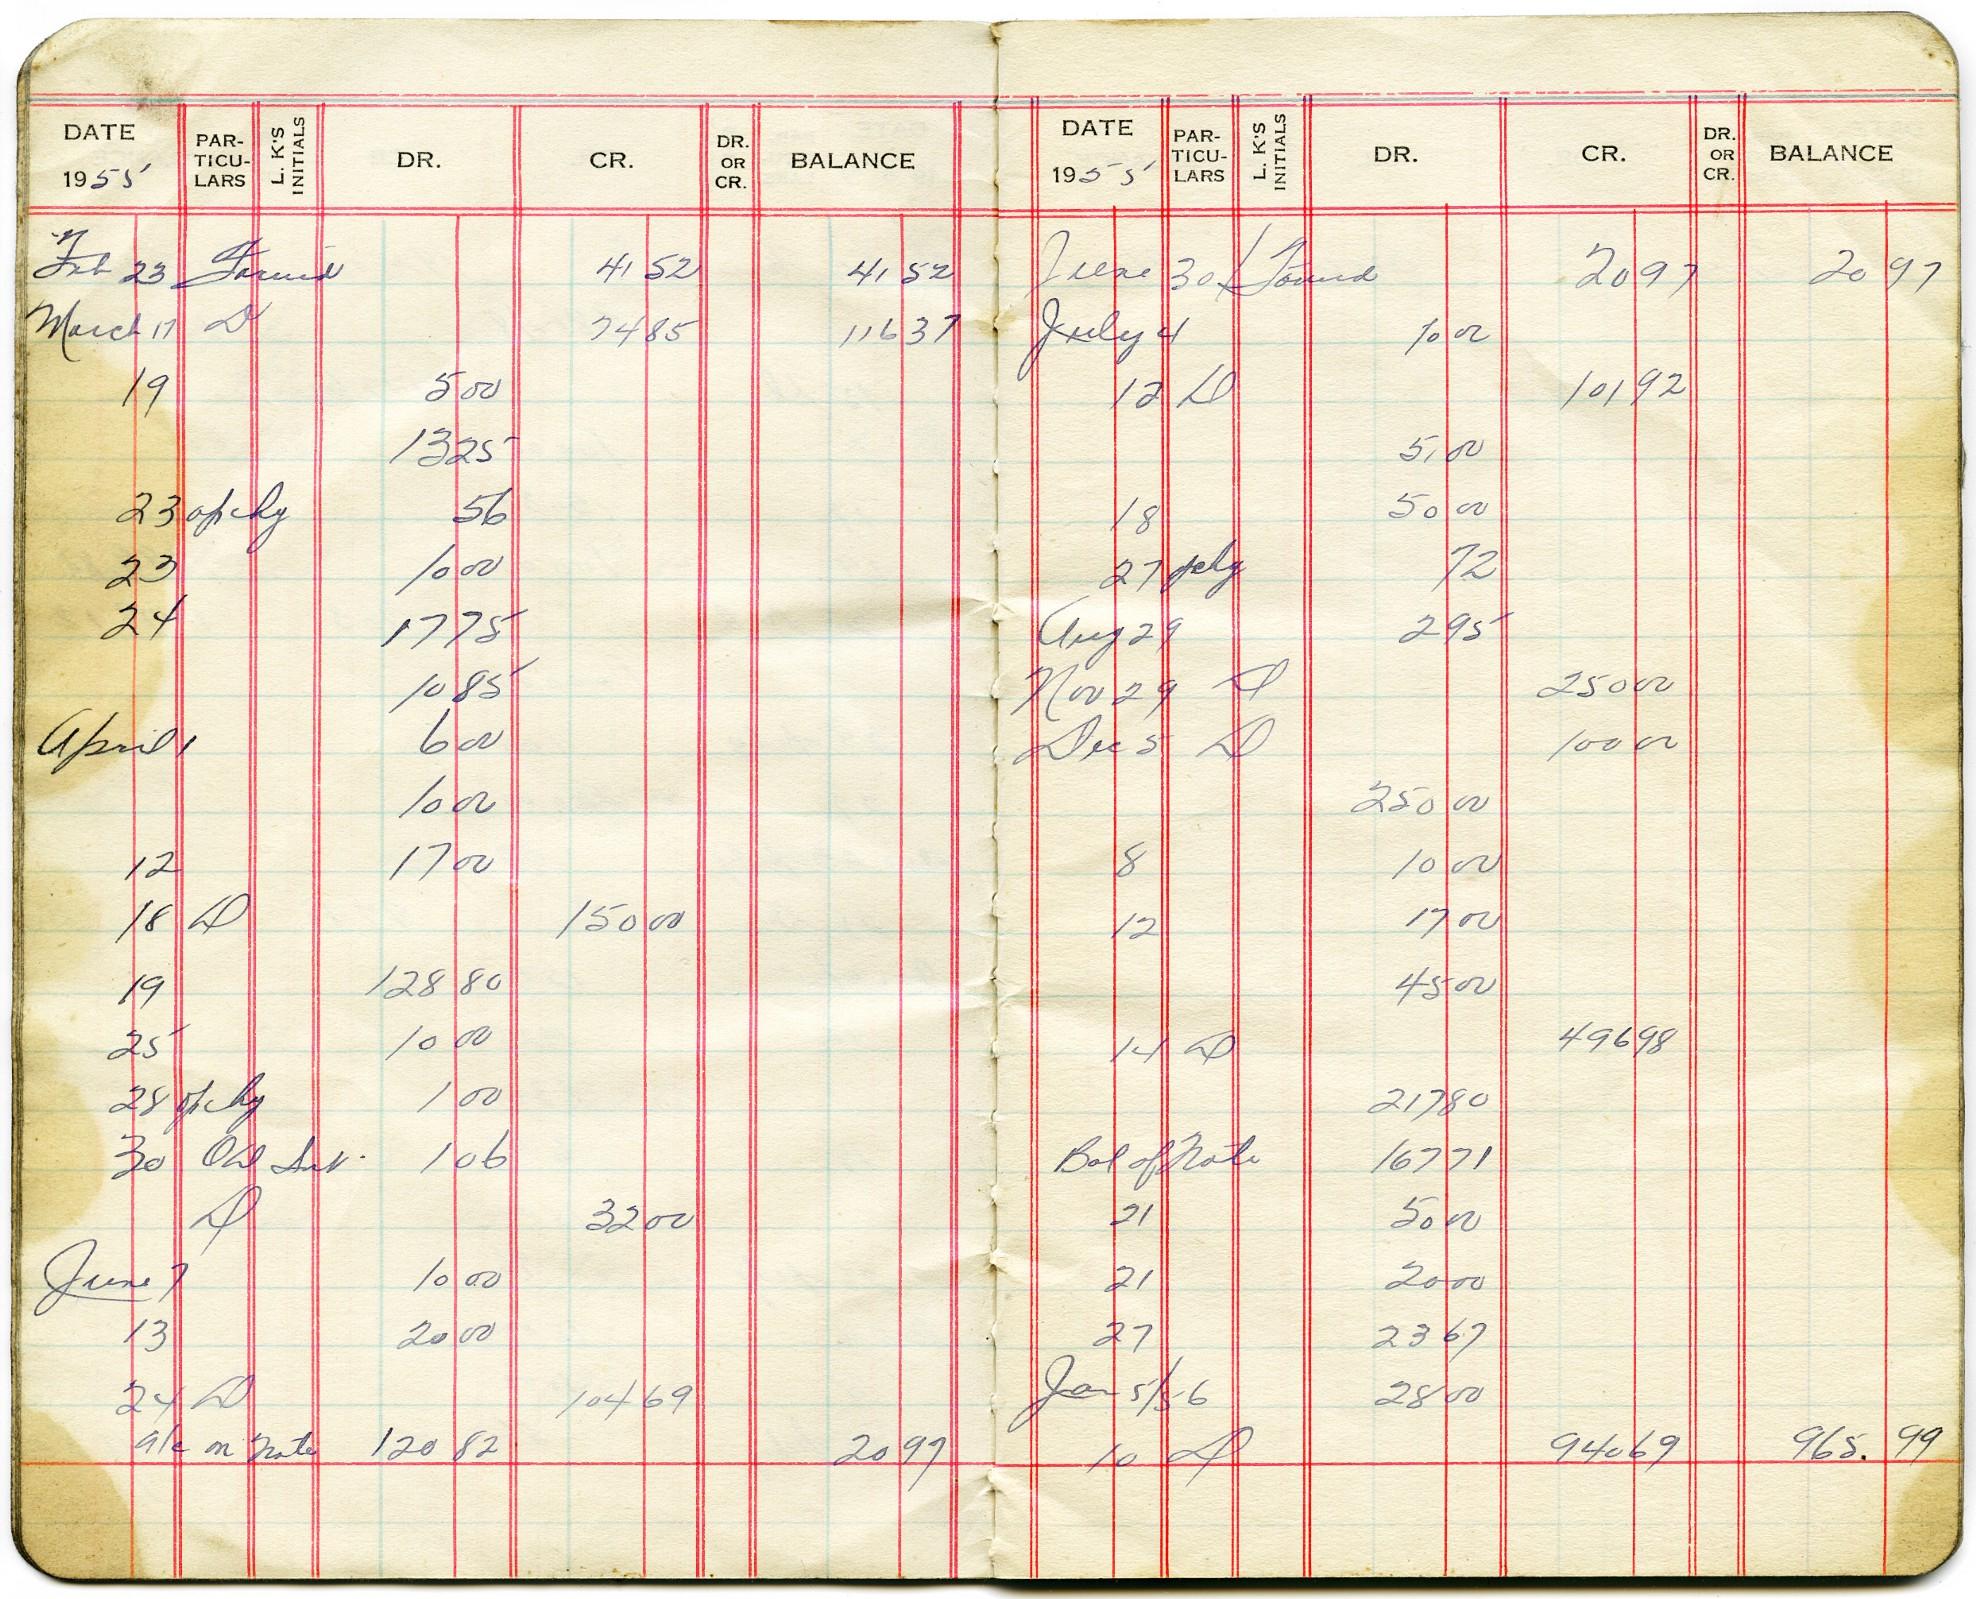 نمونه سنتی سیاهه یا دفترچه حساب که اطلاعات تراکنشهای ۱۰ دقیقه در هر سیاهه نوشته میشود.